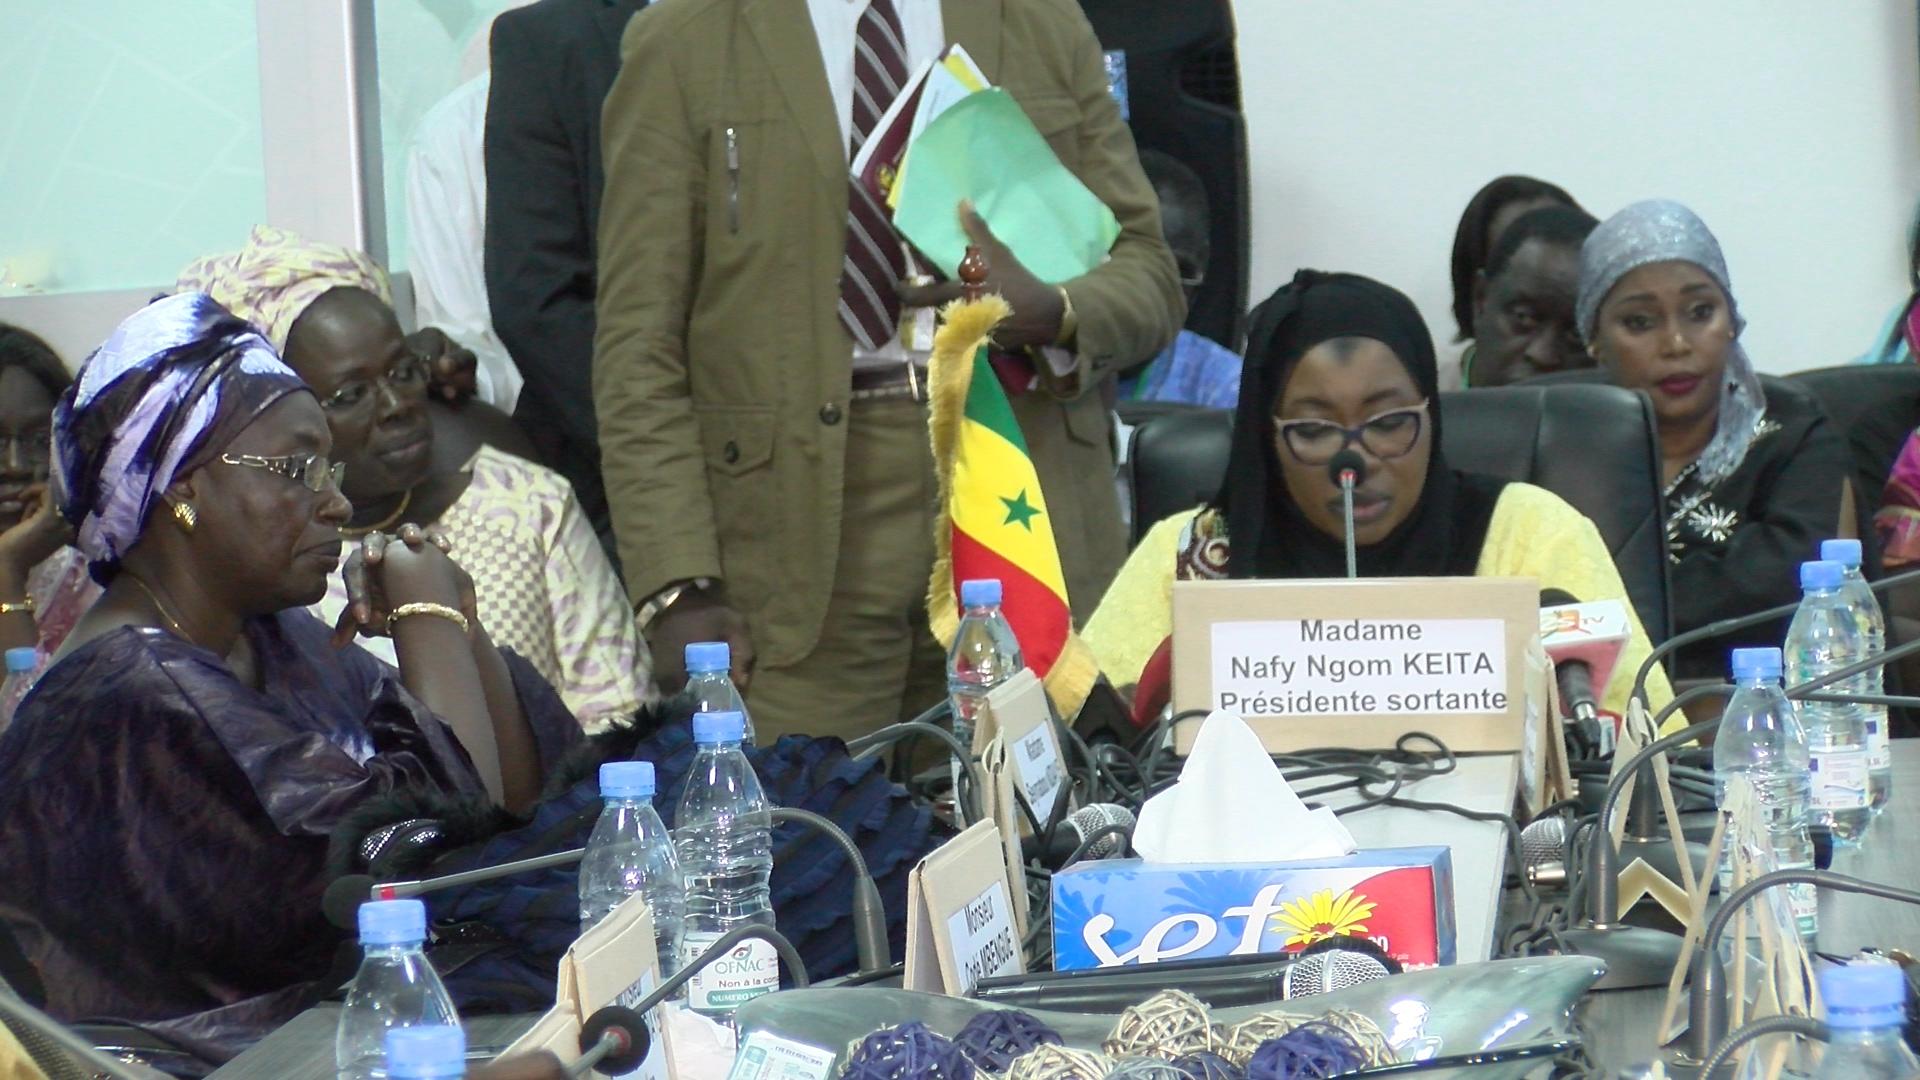 Dénigrement sur sa personne : Nafi N'gom Keïta annonce une réplique et sort sous les vivats de la foule